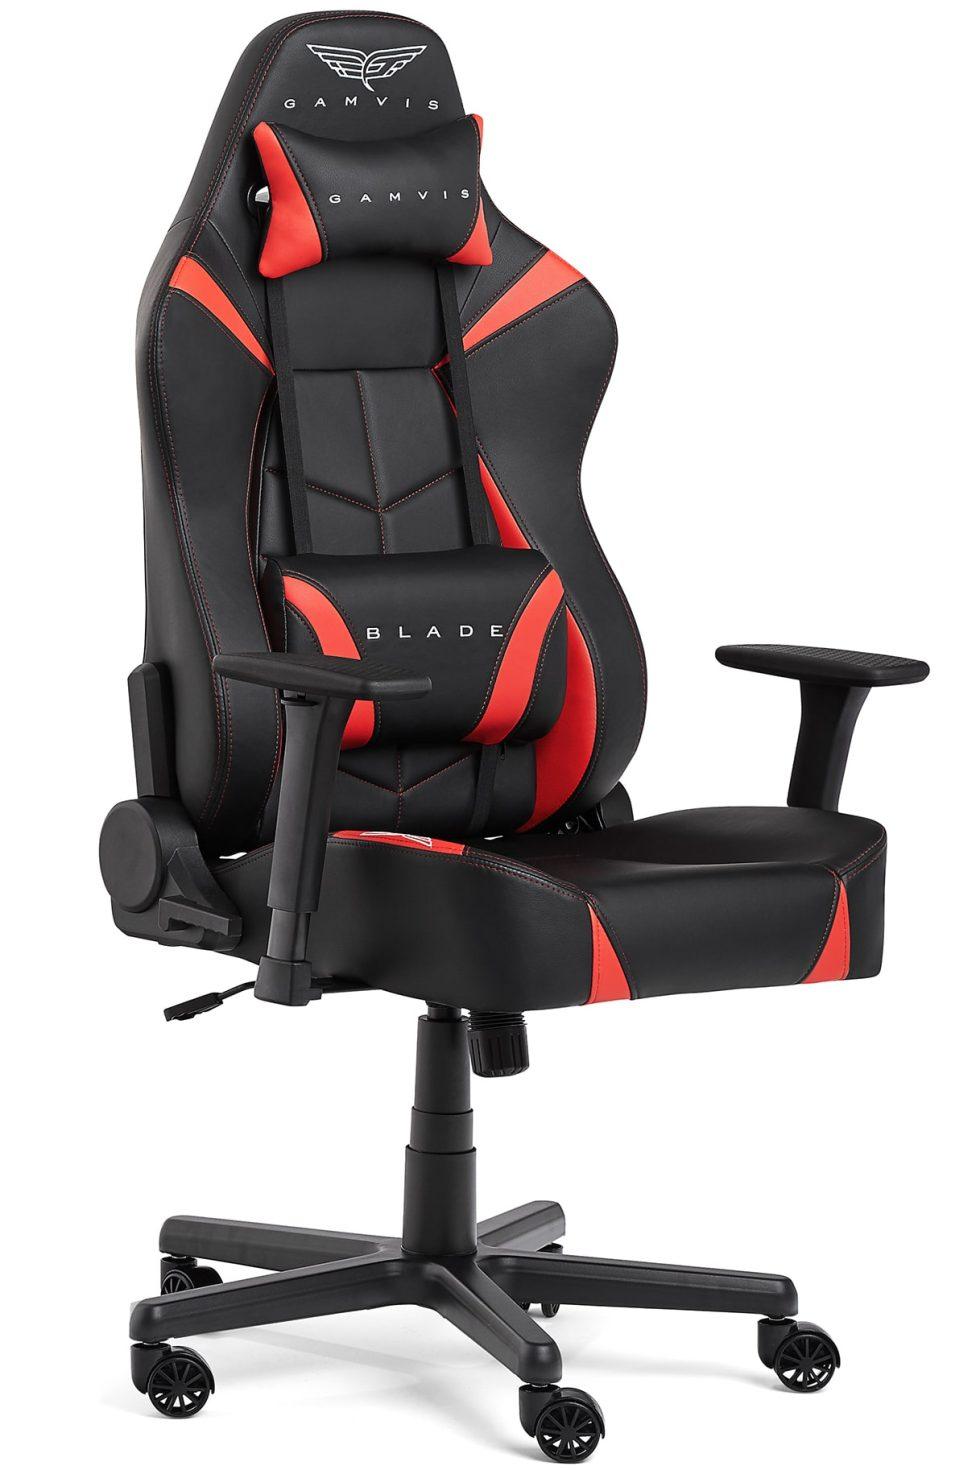 Gamvis BLADE XL Gamer Szék – Fekete/Piros